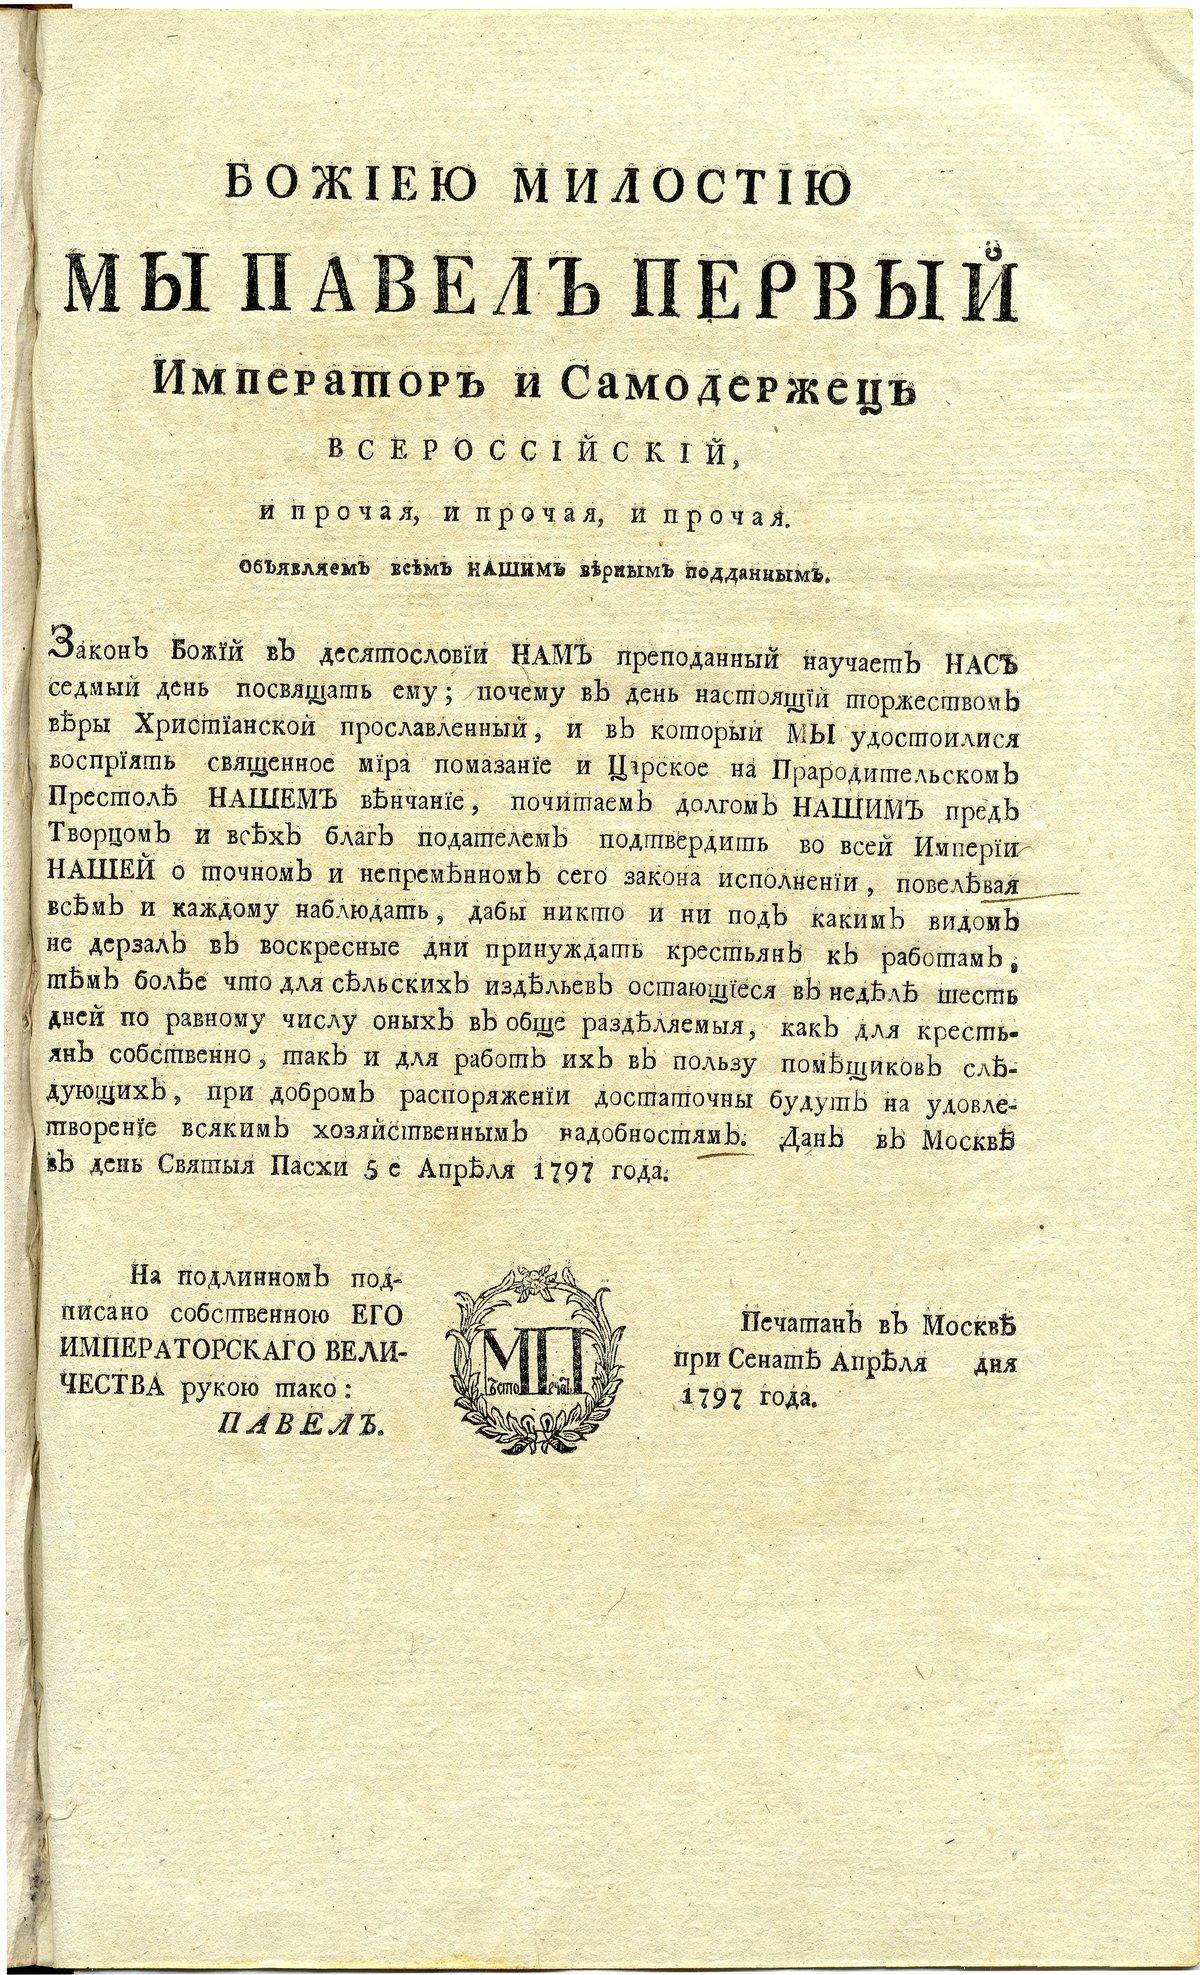 16 апреля 1797 года Павел I в день своей коронации провозгласил Указ об ограничении барщины